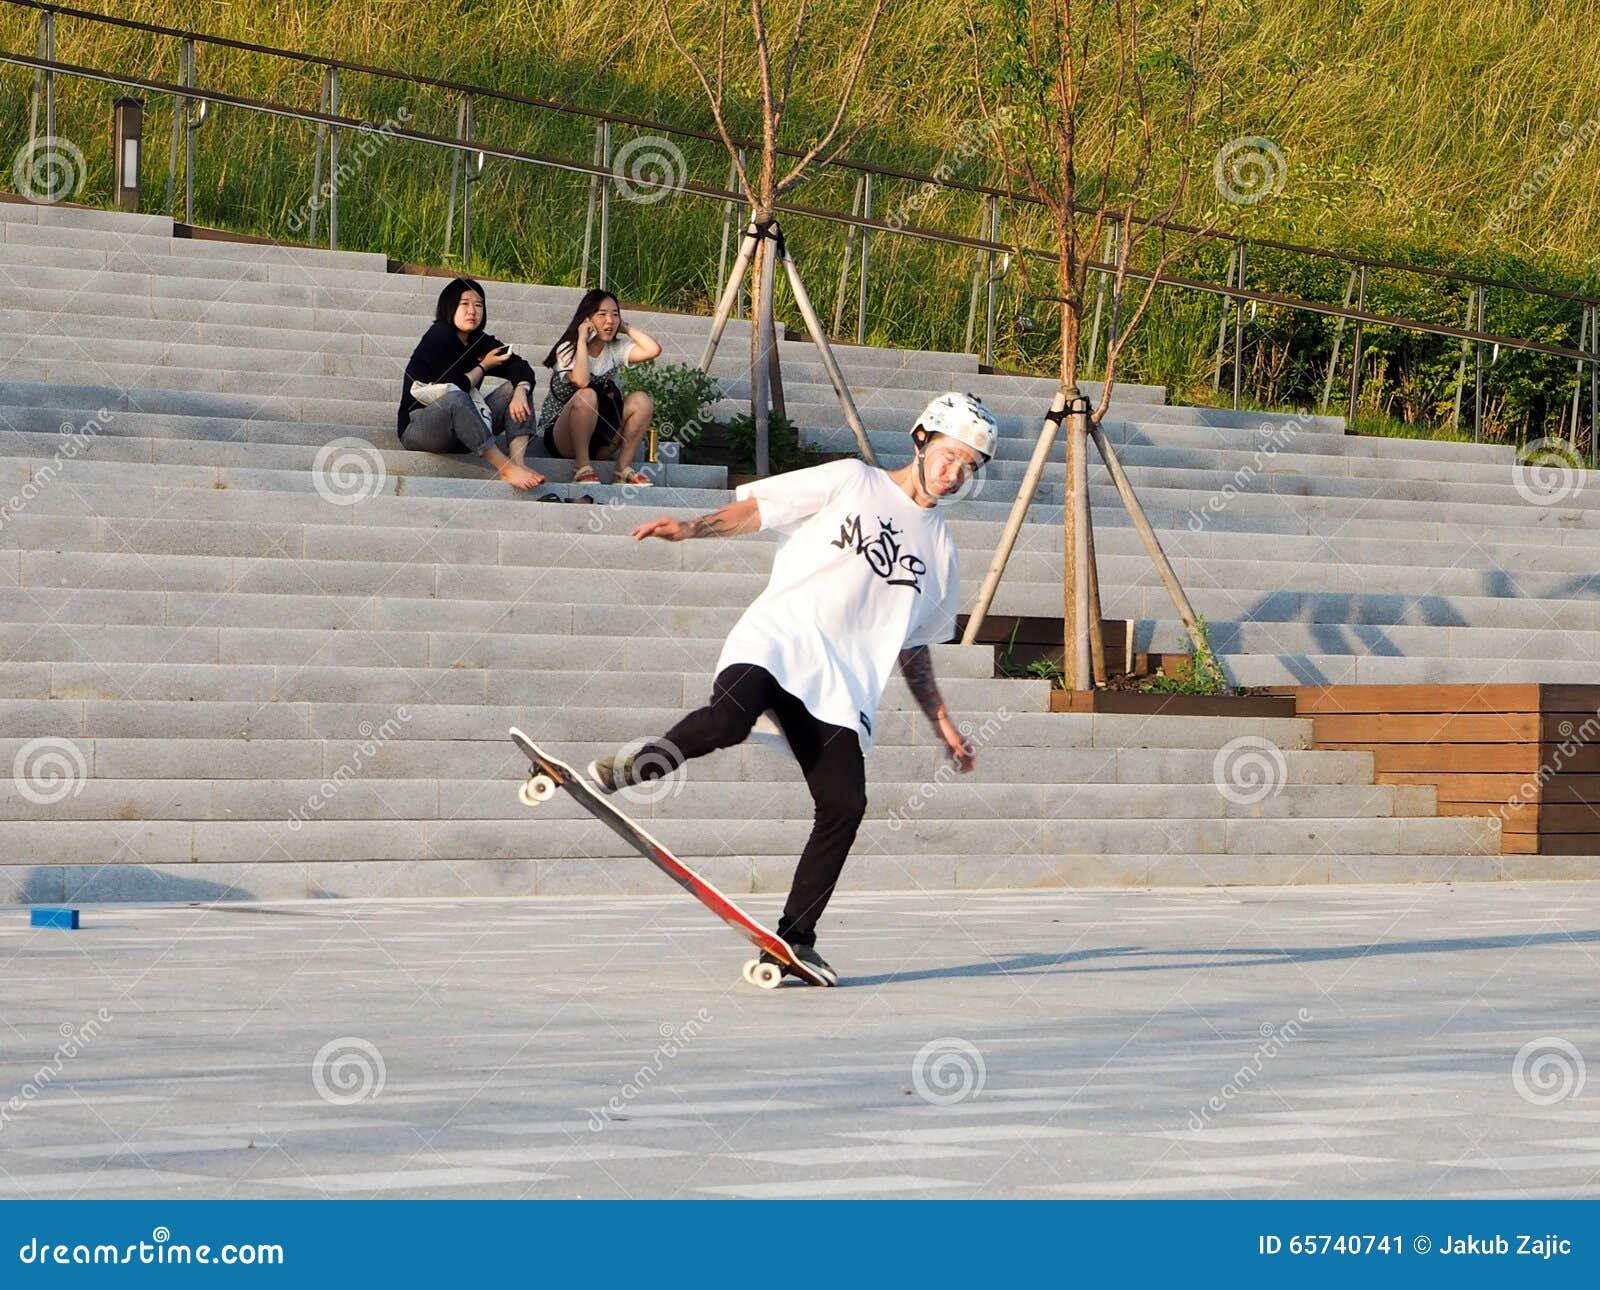 Asian Skater